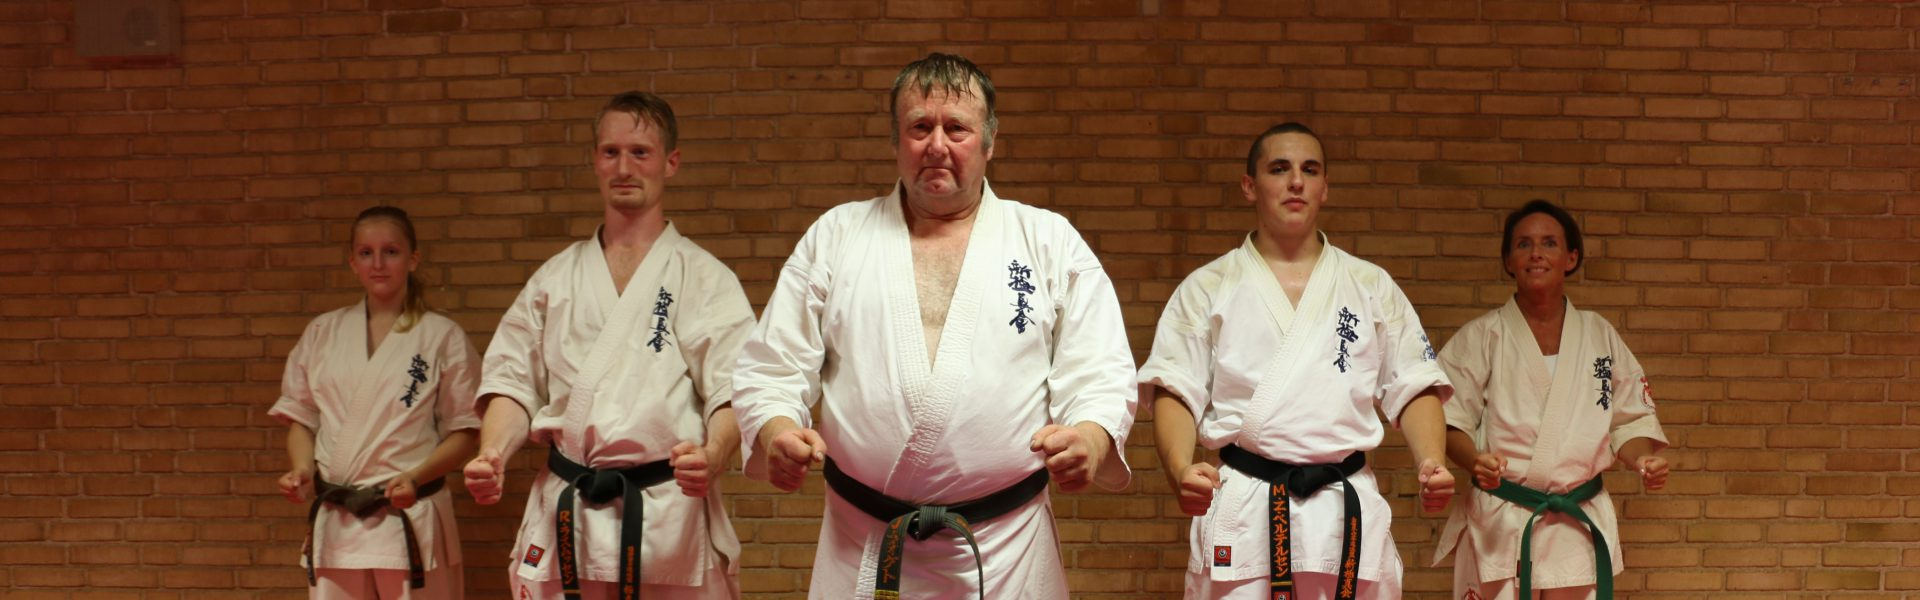 Gråsten Karate Klub